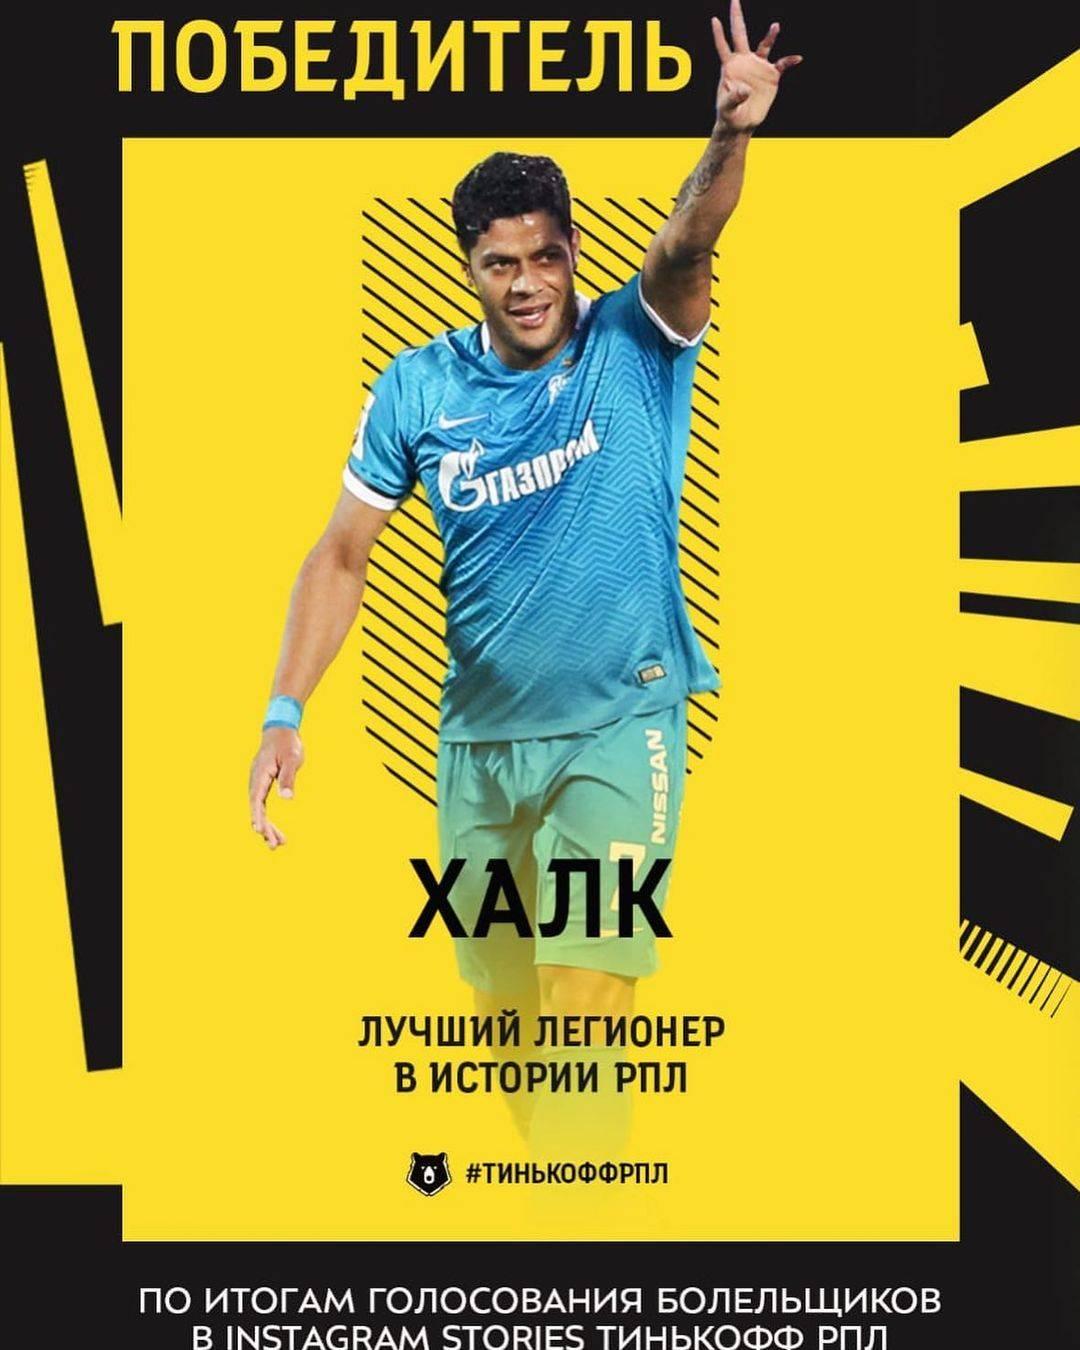 胡尔克自宣获俄罗斯历史最佳外援 4赛季贡献76粒进球